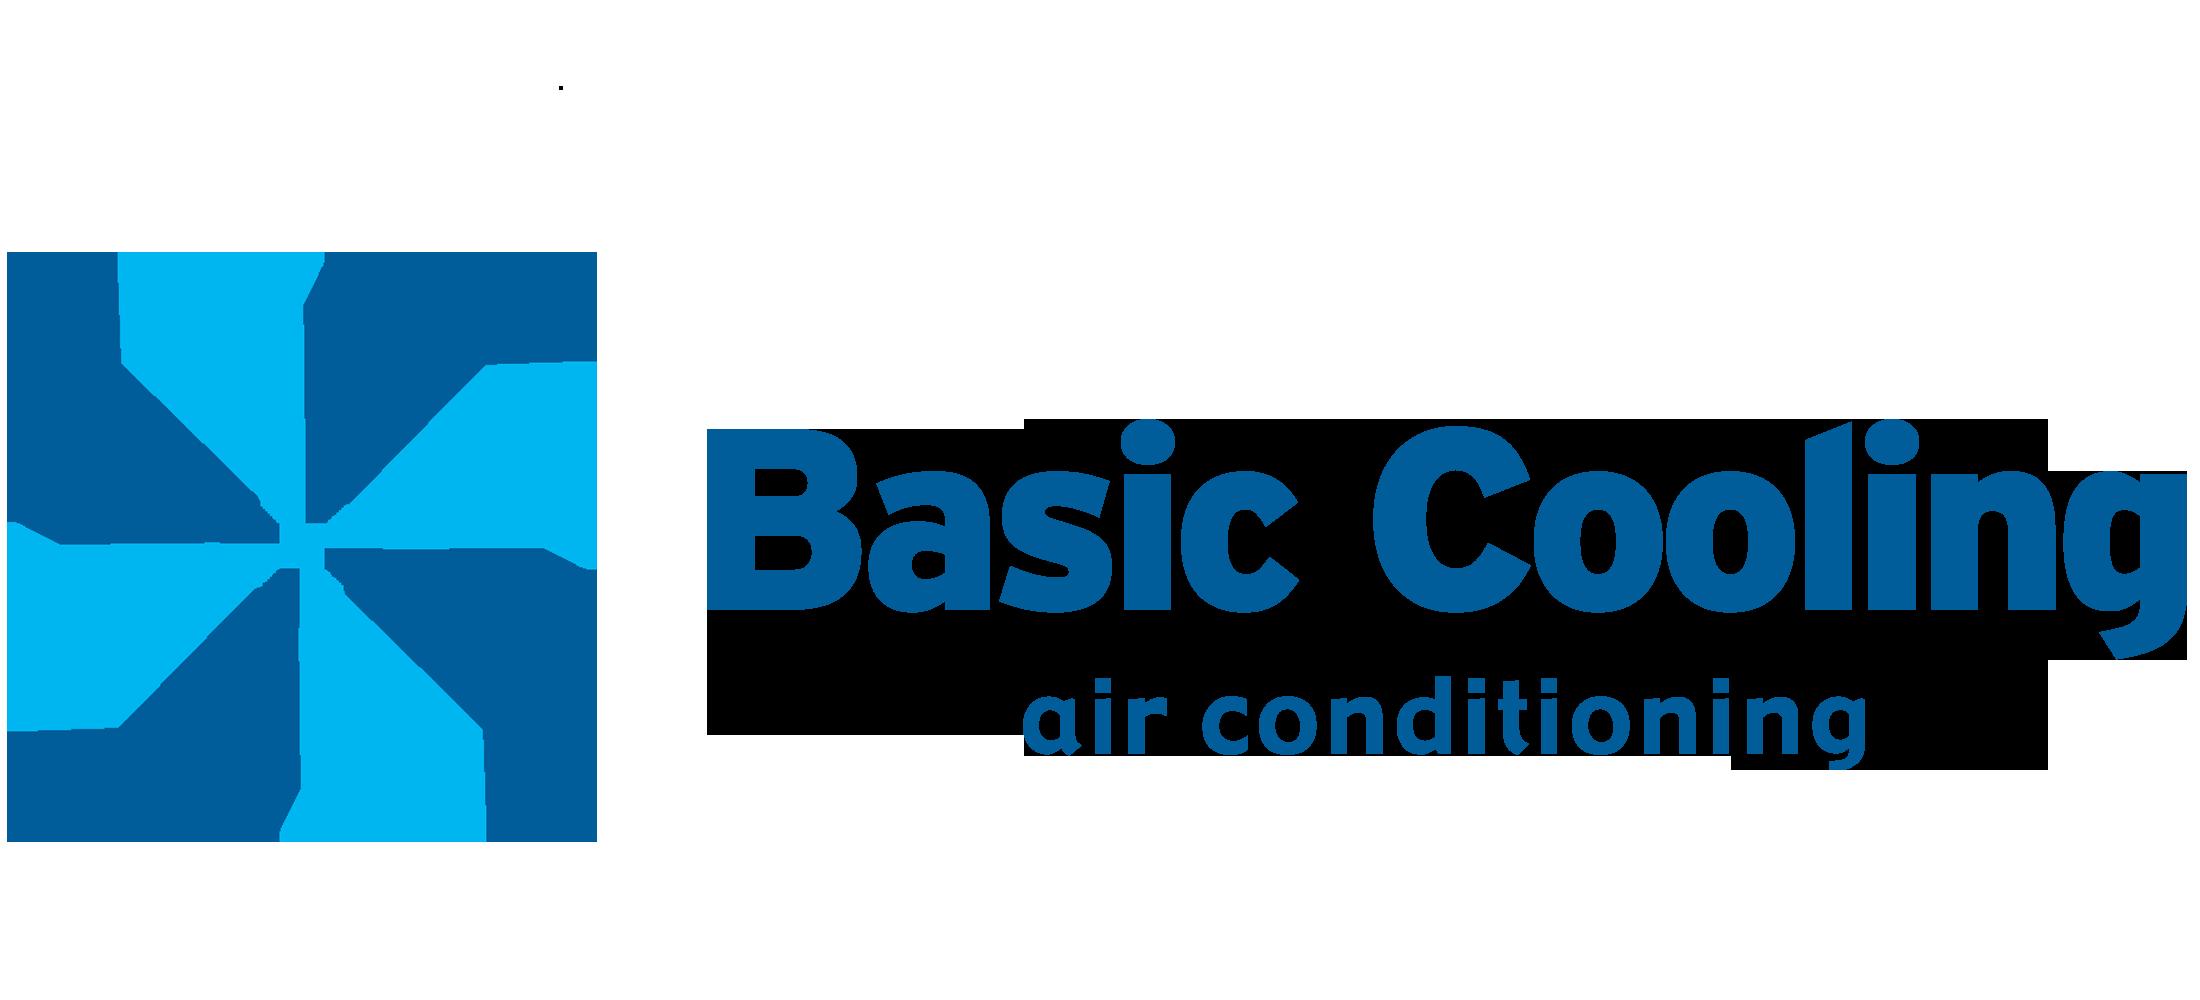 Basic Cooling